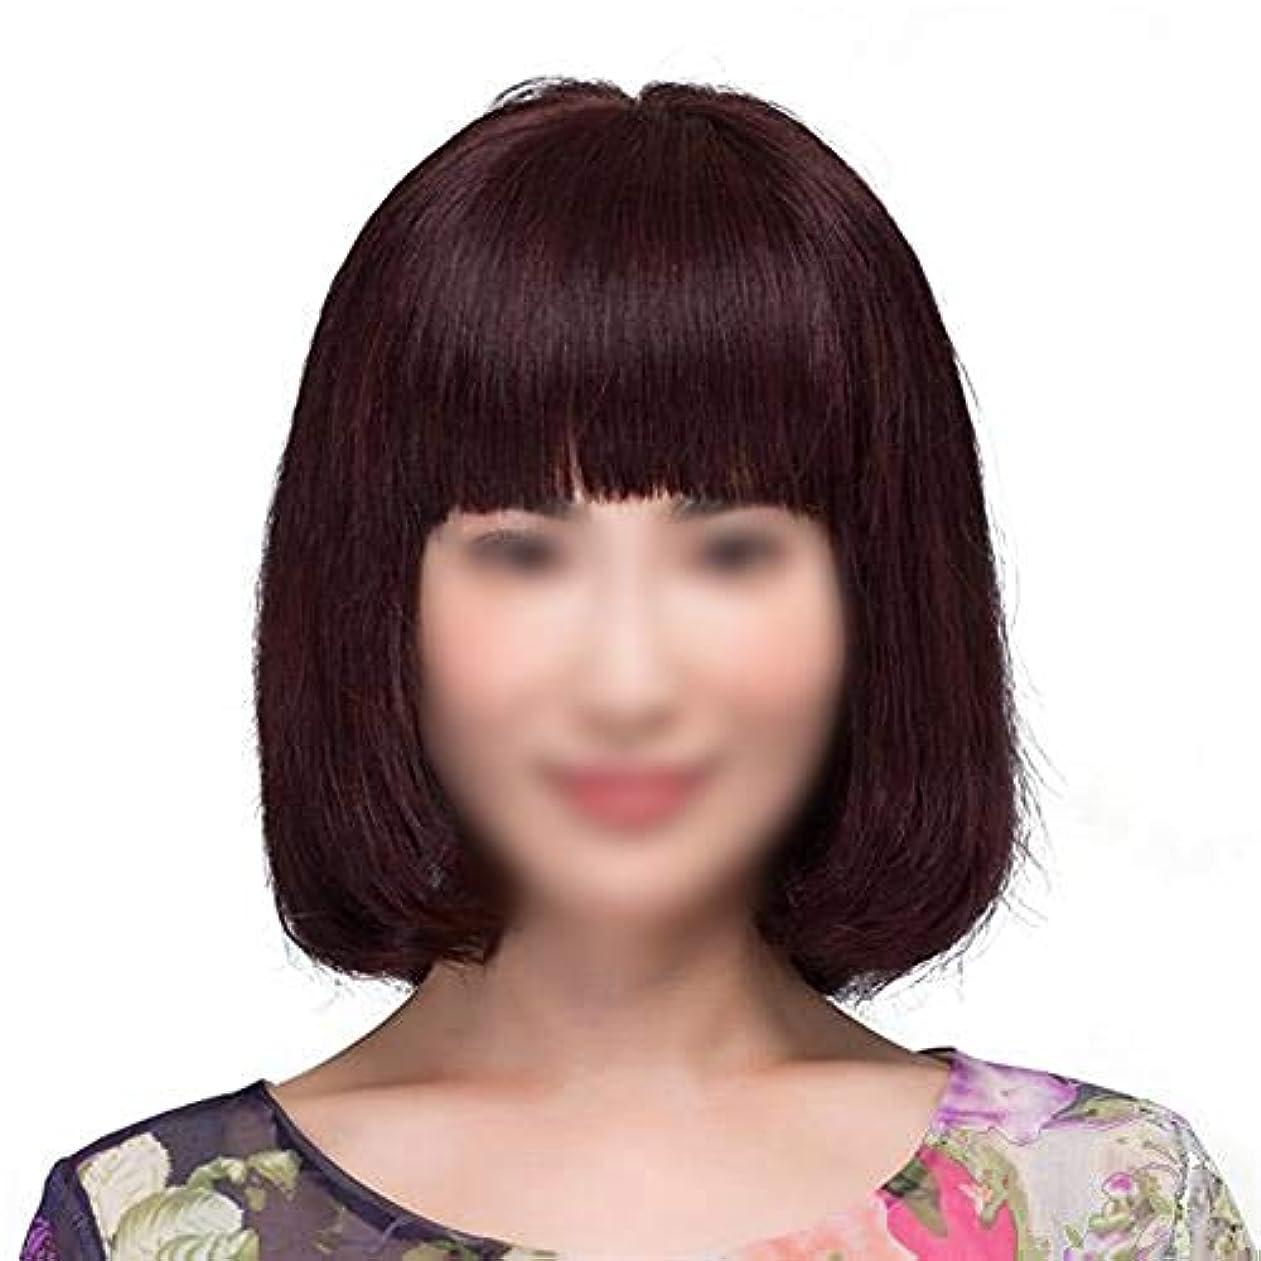 風が強い育成寝具YOUQIU 女子ショートストレートヘアーボブウィッグレアル髪ふわふわナチュラル鎖骨Hairdailyドレスウィッグ (色 : Dark brown)